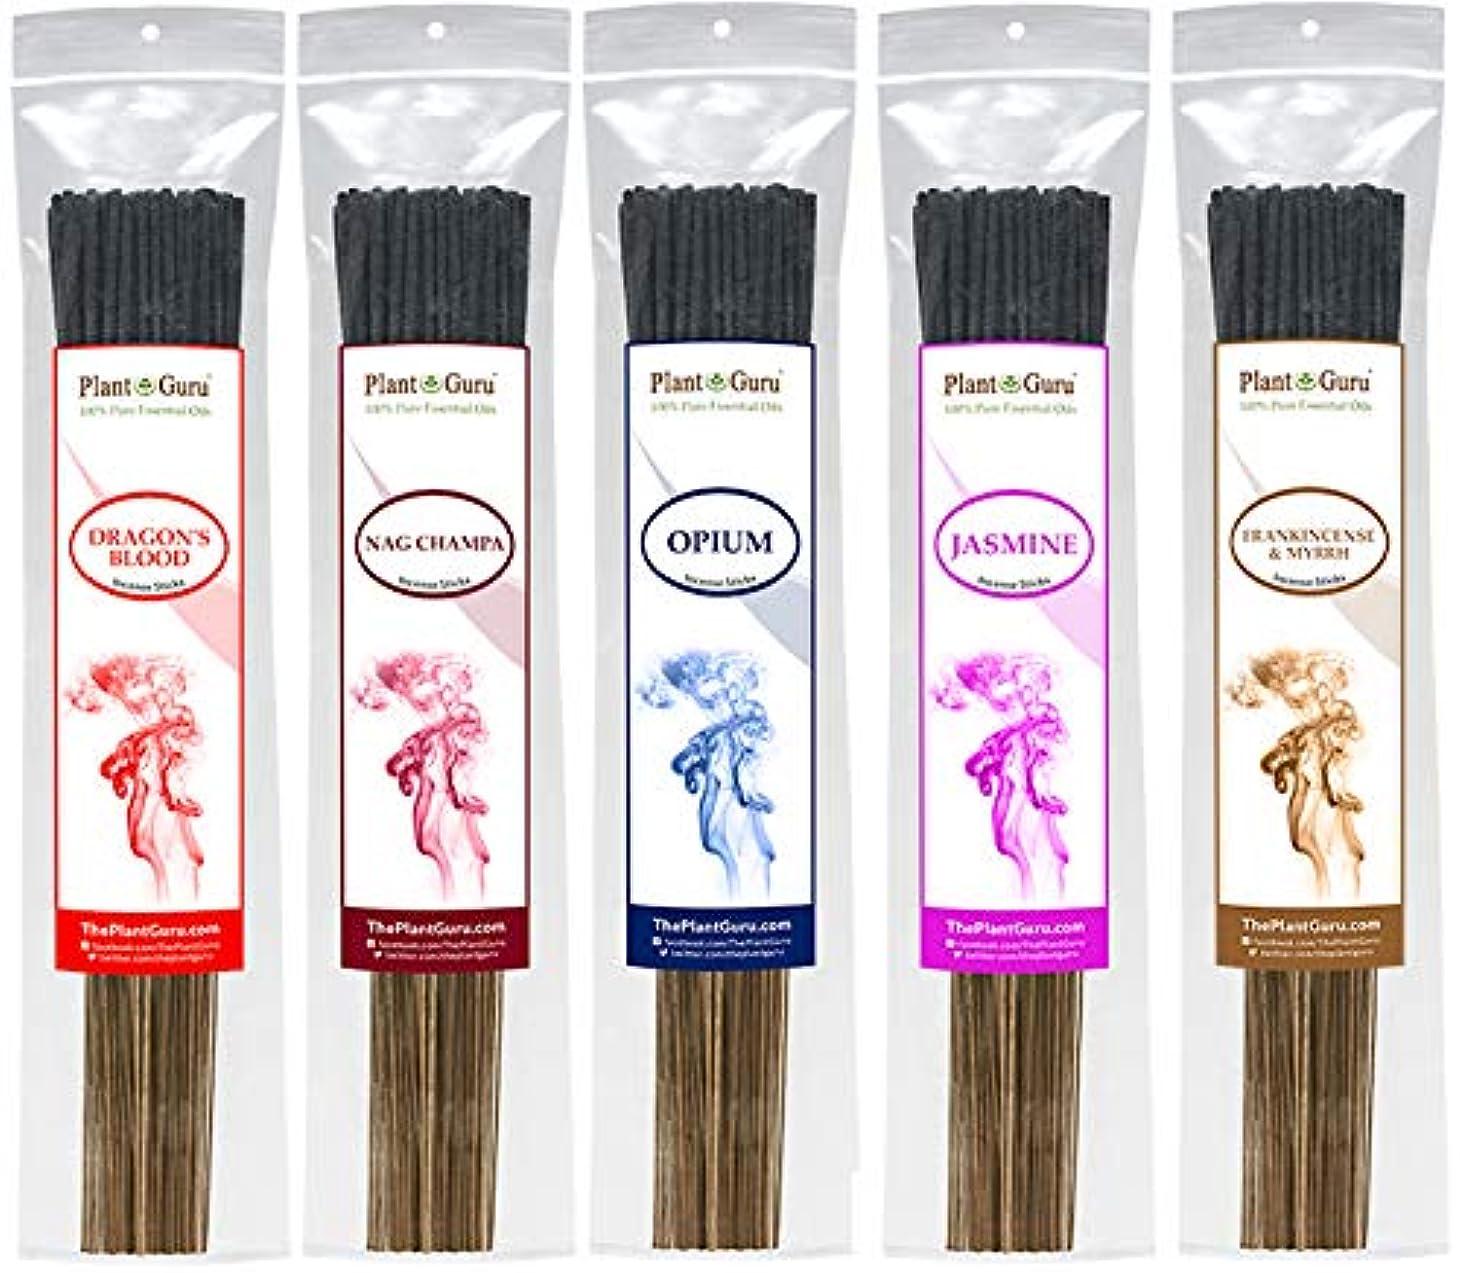 電話するコークス動的IncenseサンプラーセットエキゾチックIncense Sticks 925グラムスティック数合計425 to 500 Sticksプレミアム品質Smooth Clean Burn各スティックは10.5インチ長Burn...